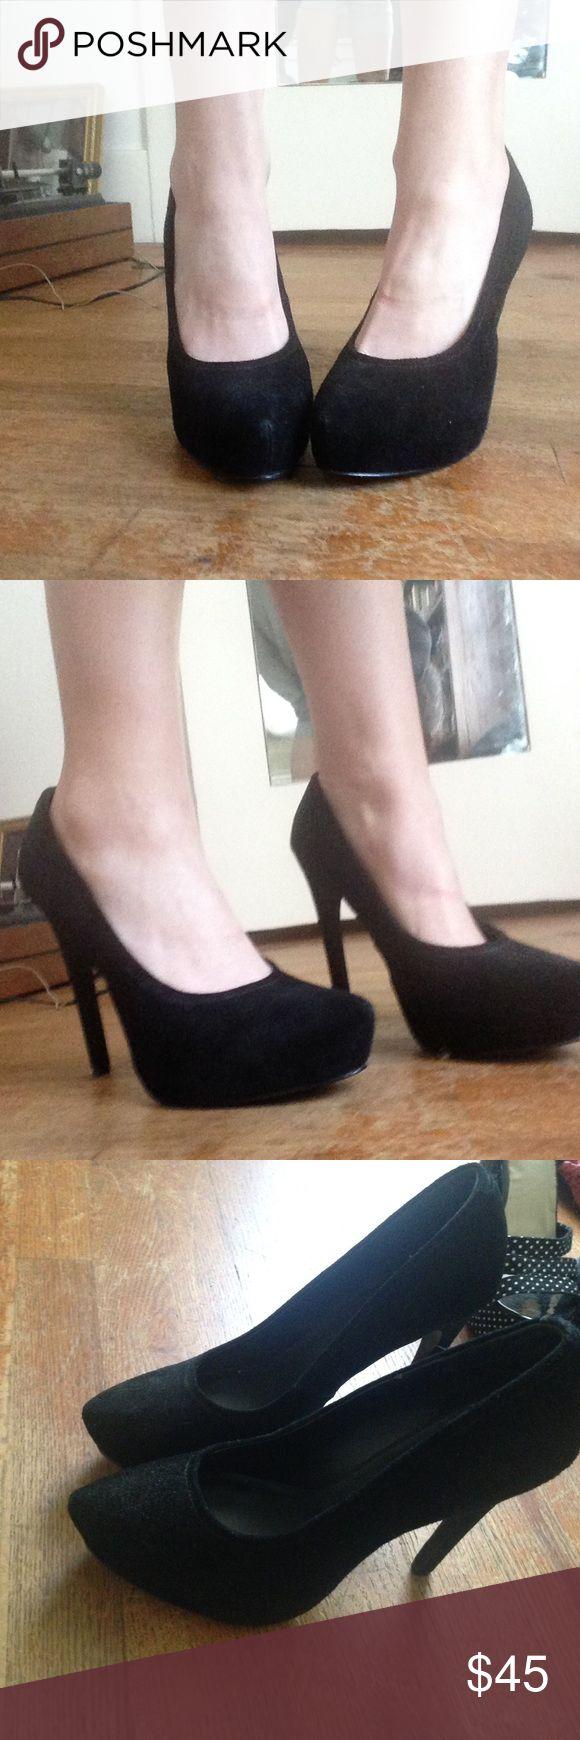 """Kelsi Dagger suede platform pump- worn once! Heel height 5.25"""" platform 1.25"""". Worn once. Really cute just never wear. Kelsi Dagger Shoes Platforms"""